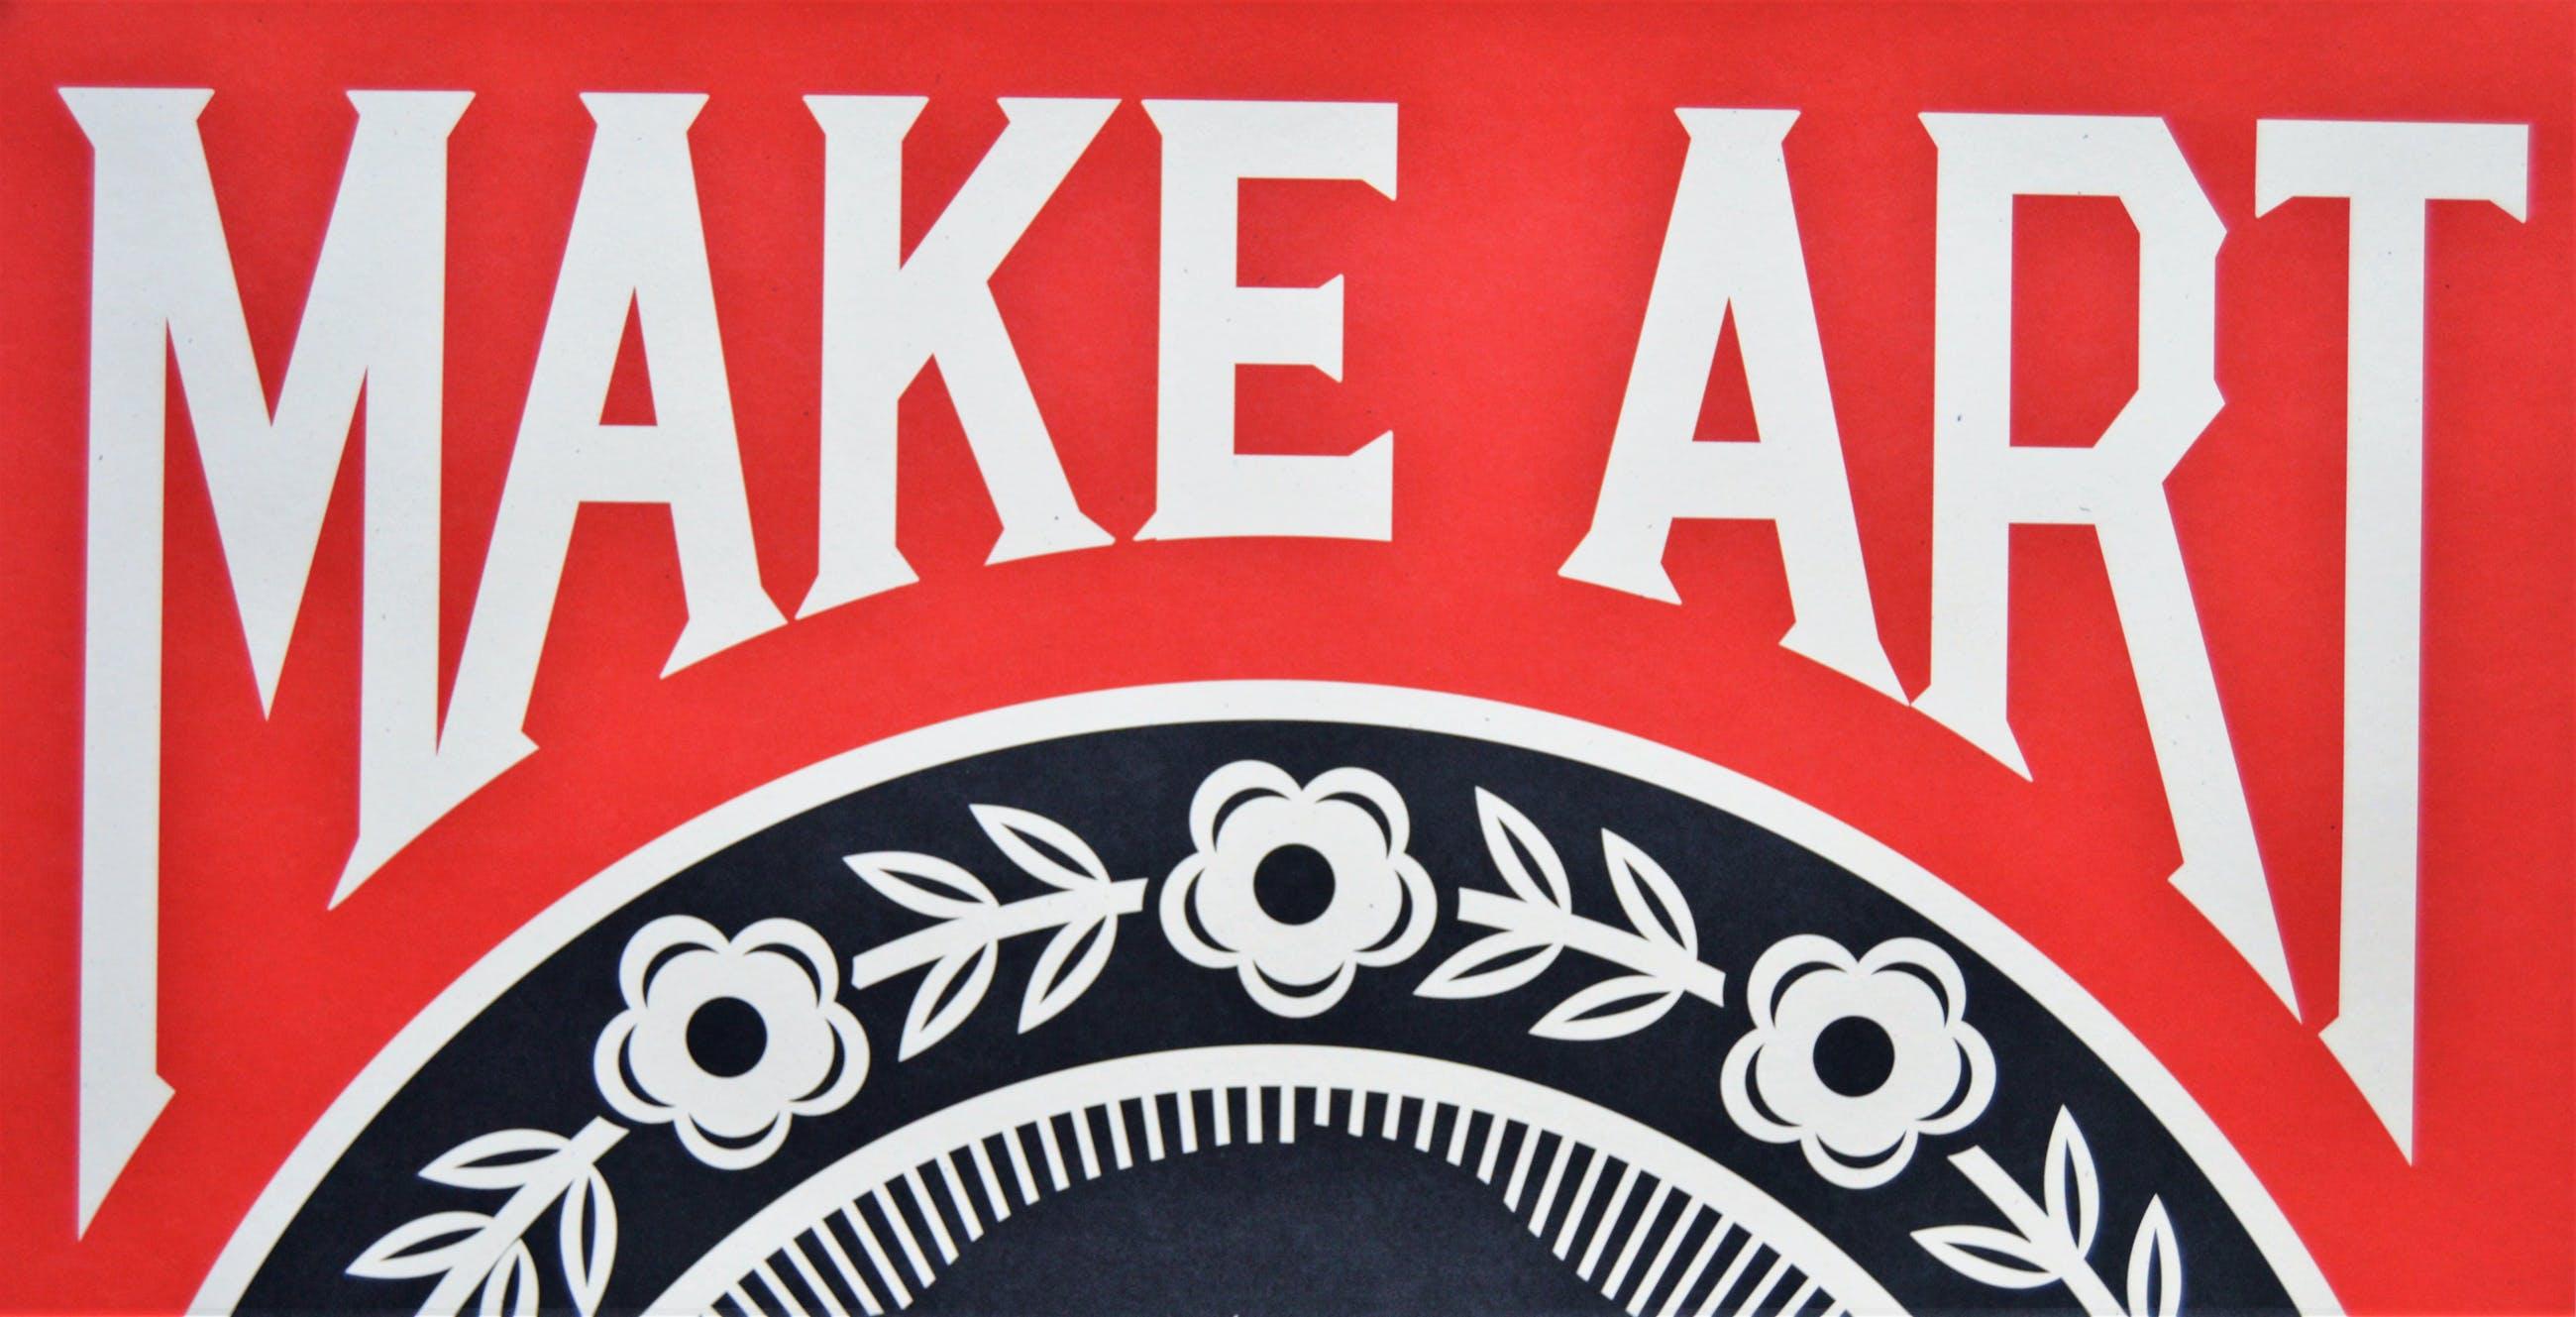 Shepard Fairey - MAKE ART NOT WAR - gesigneerd kopen? Bied vanaf 80!